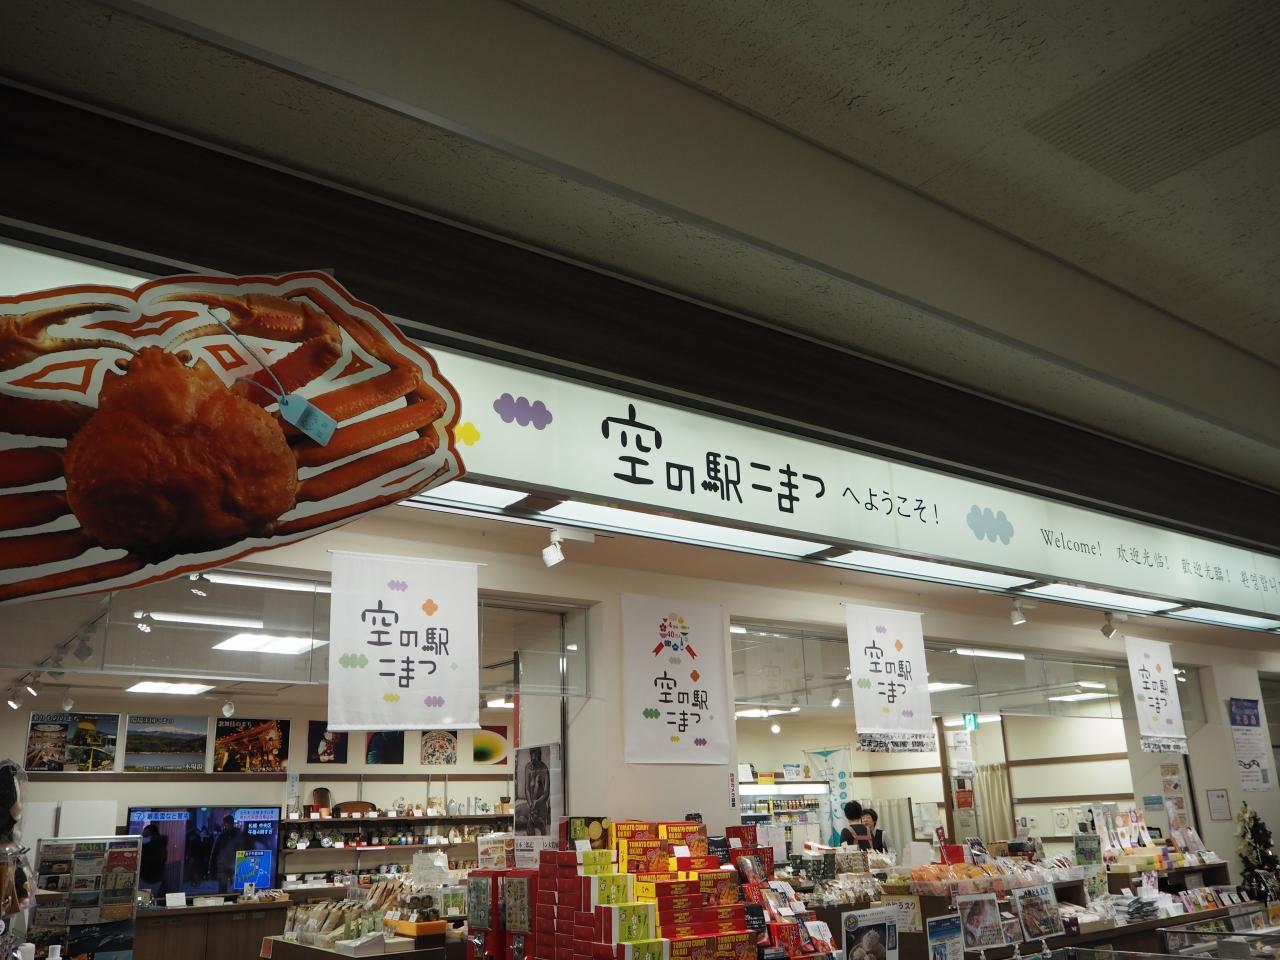 小松空港 (小松飛行場)旅行記